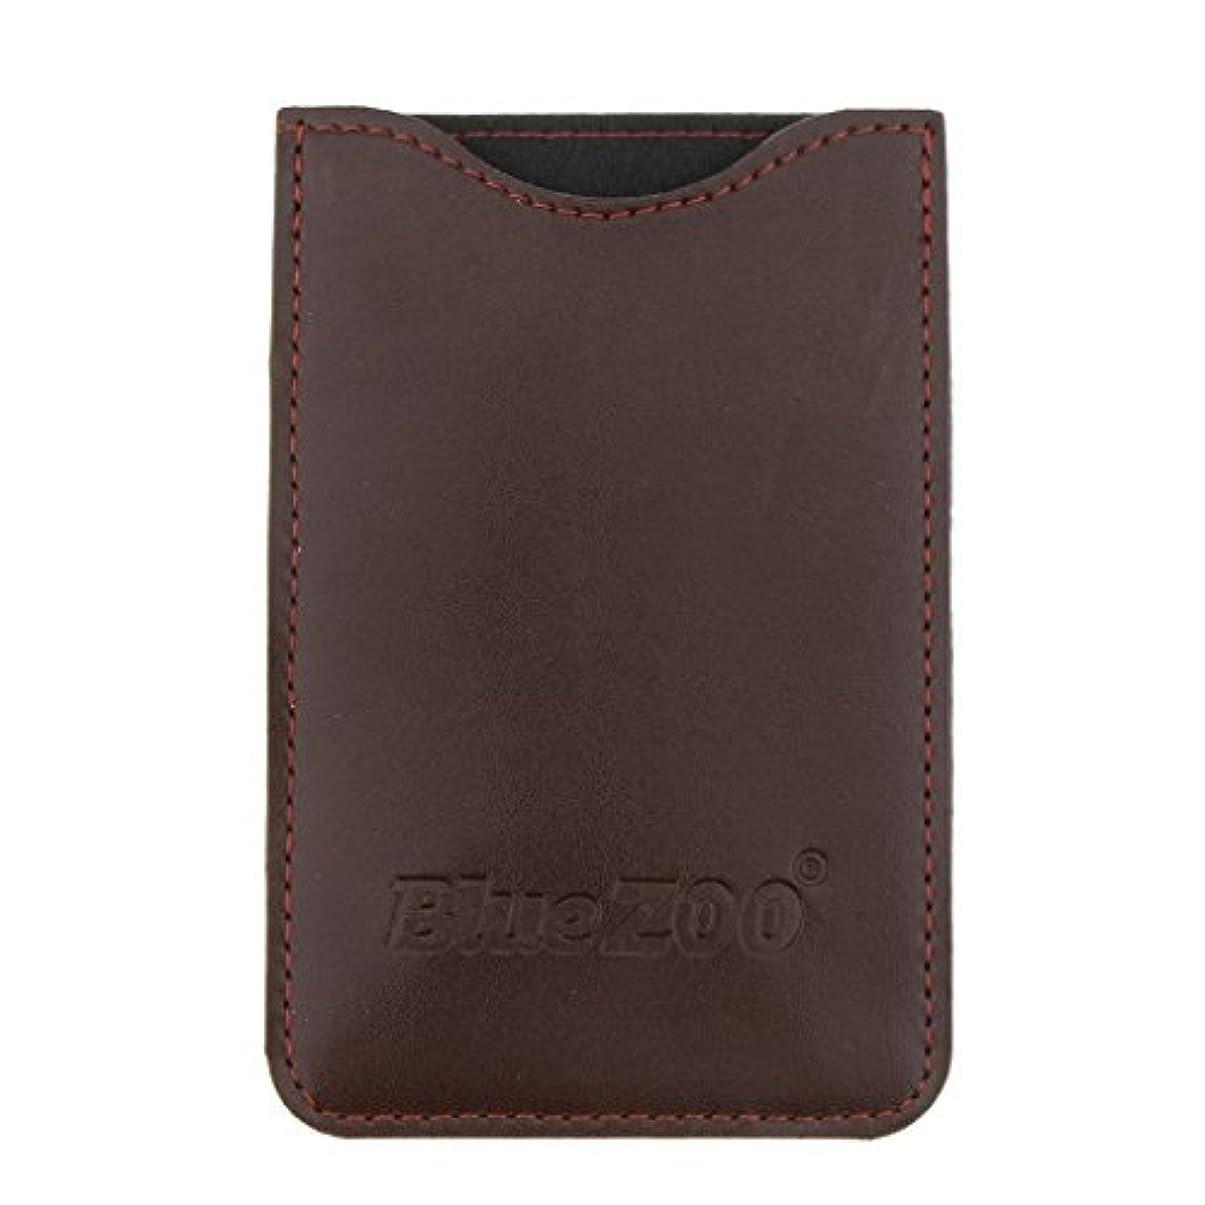 ジャンプ言うまでもなく反毒コームバッグ 収納ケース 収納パック PUレザー ポケット 柔らかい 全2色 - 褐色